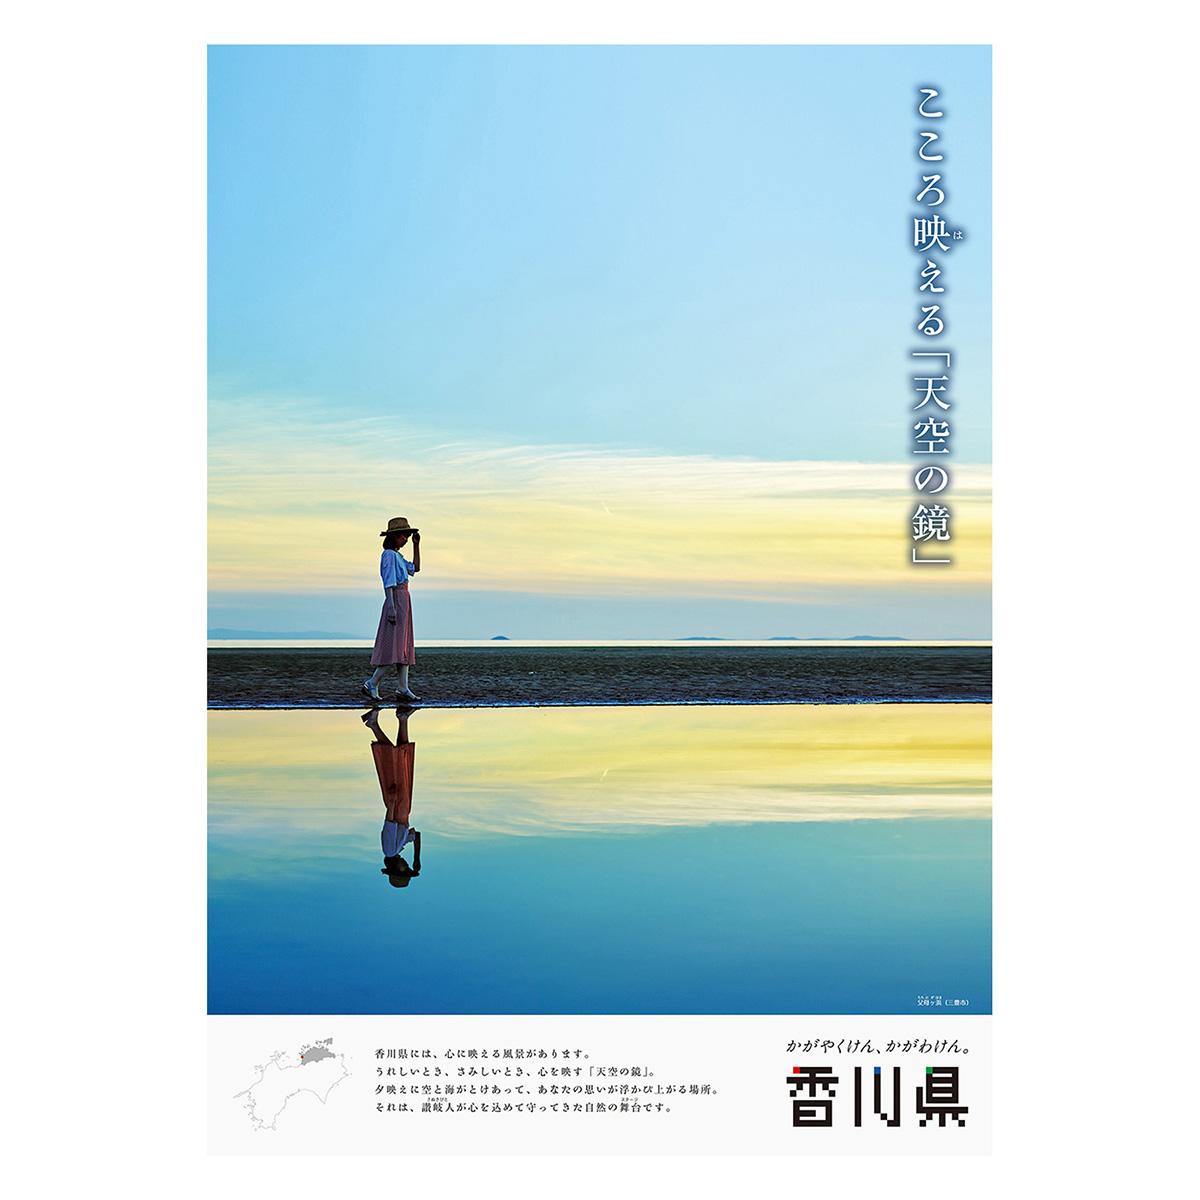 香川県観光協会 2018香川県ブランドポスター「父母ヶ浜」